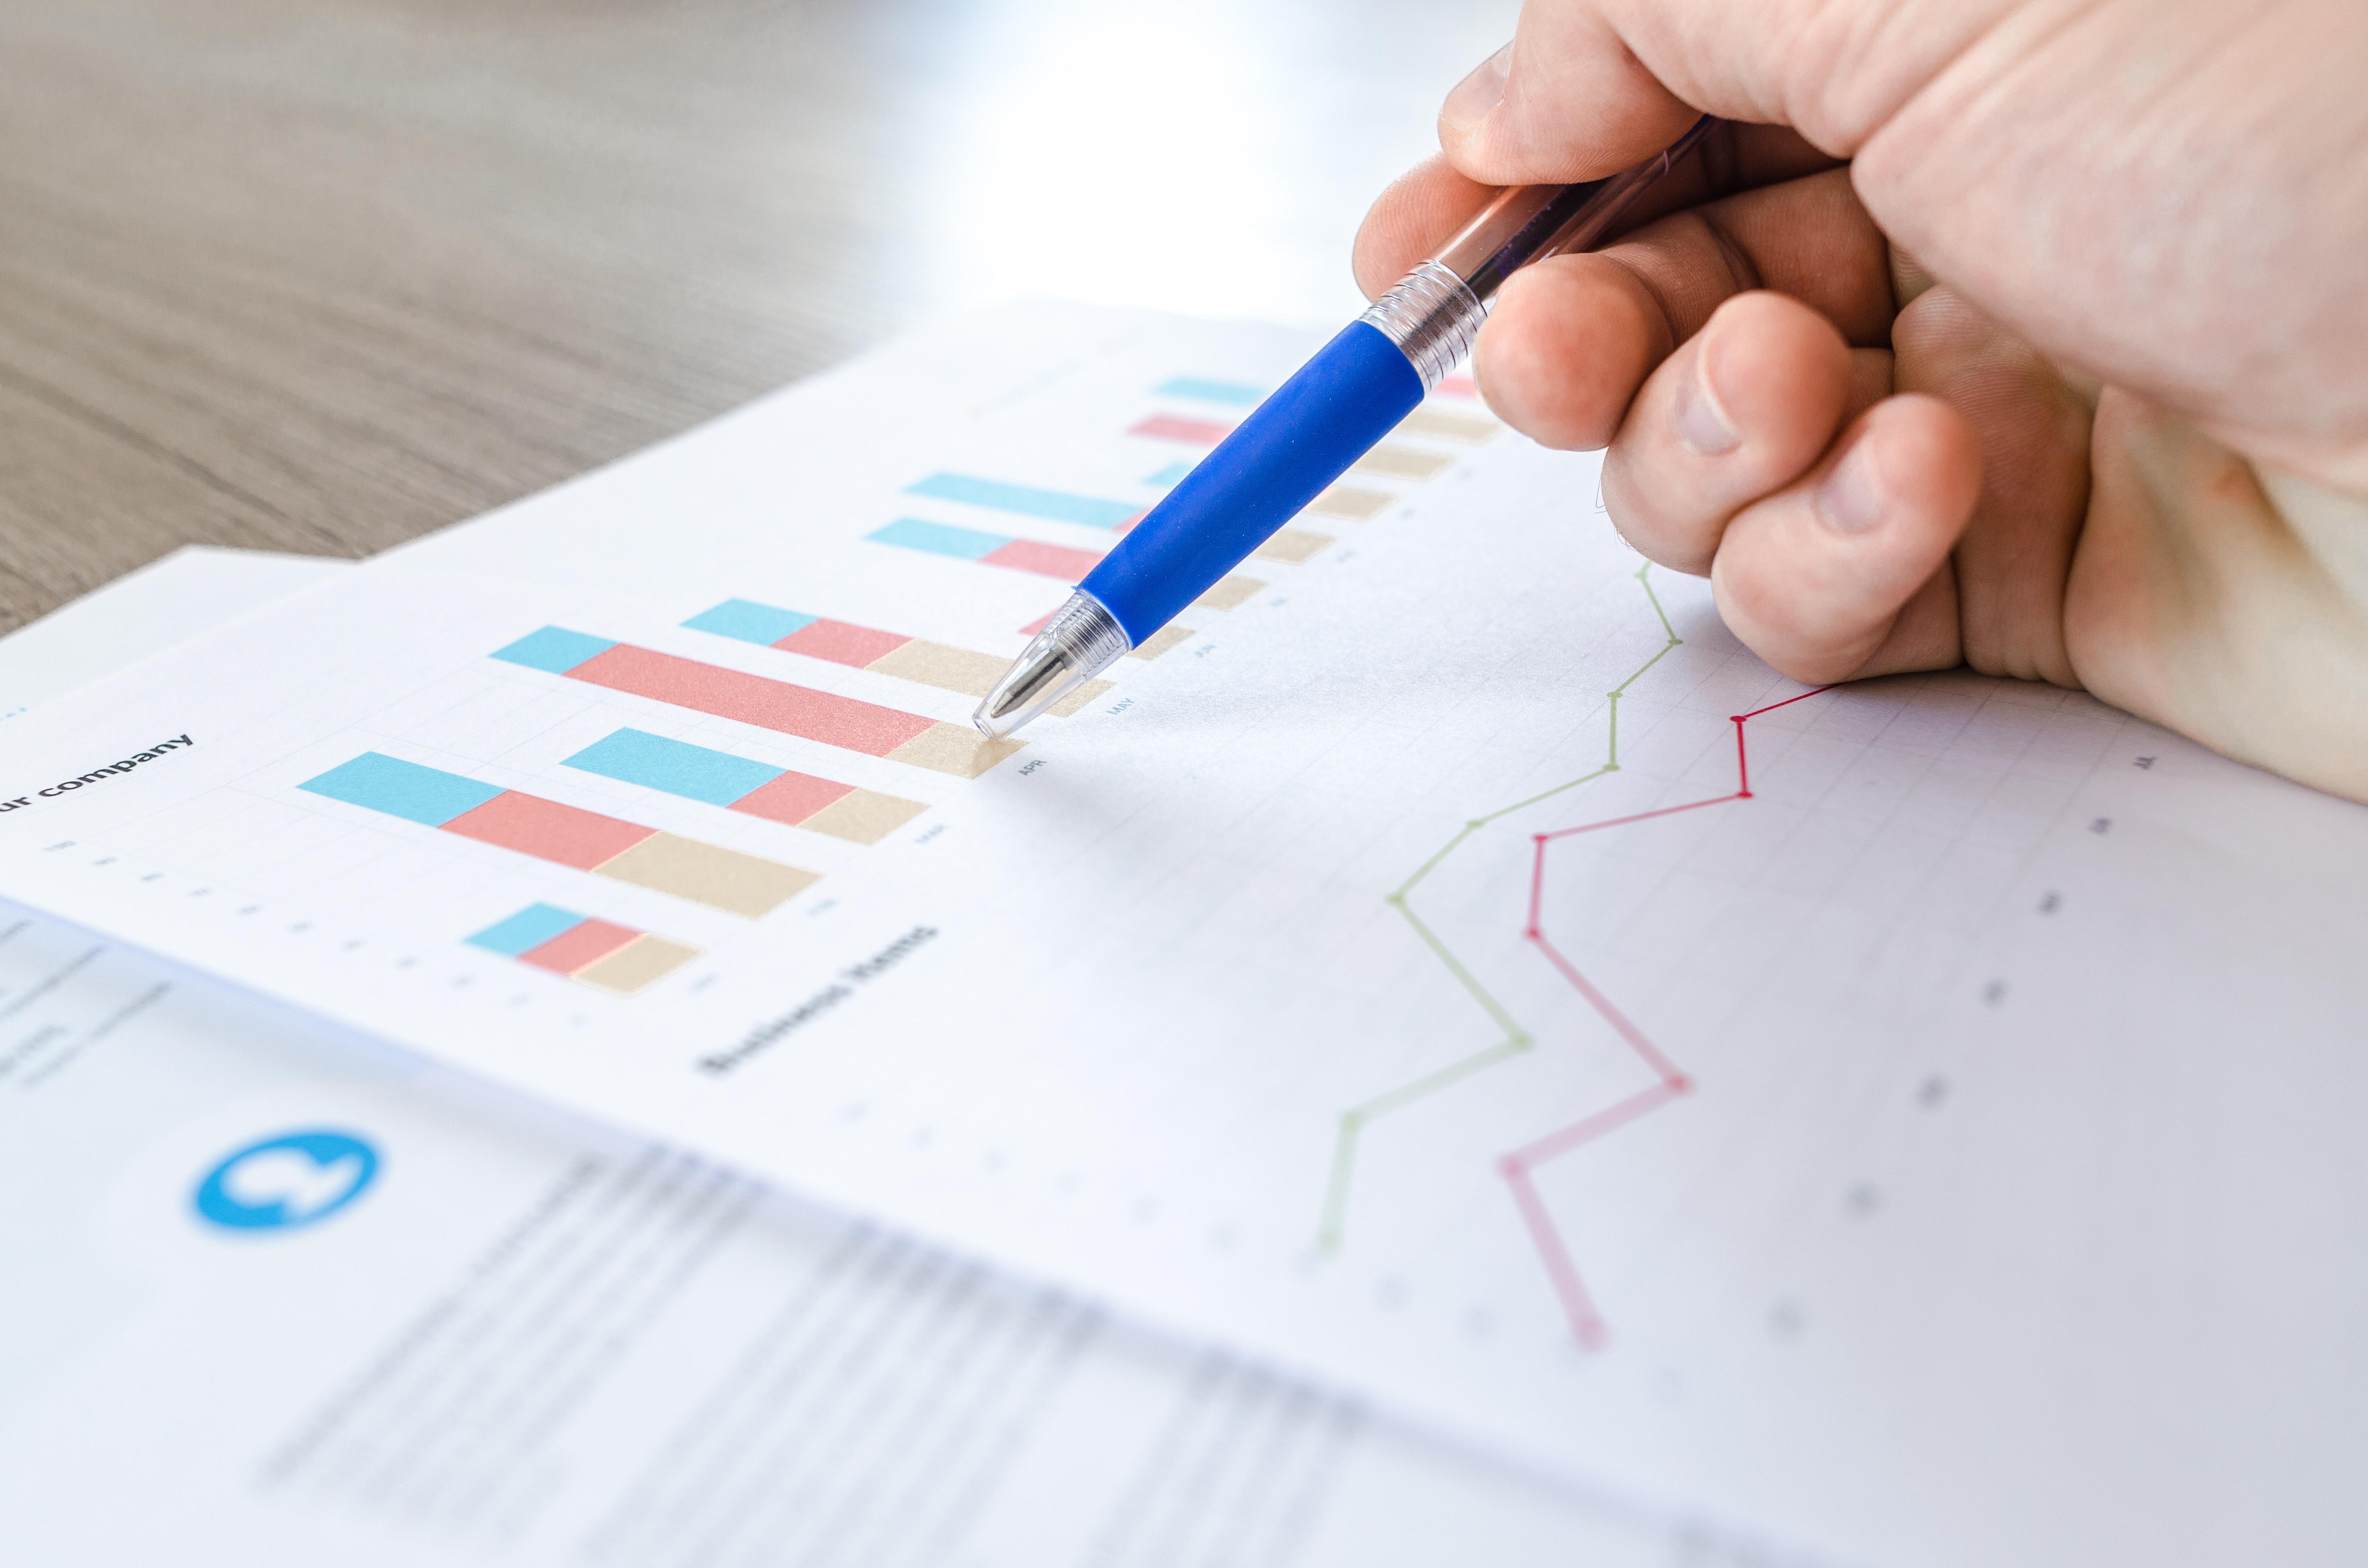 Kvantitatív elemzés a munkavállalók pénzügyi helyzetéről 1. rész